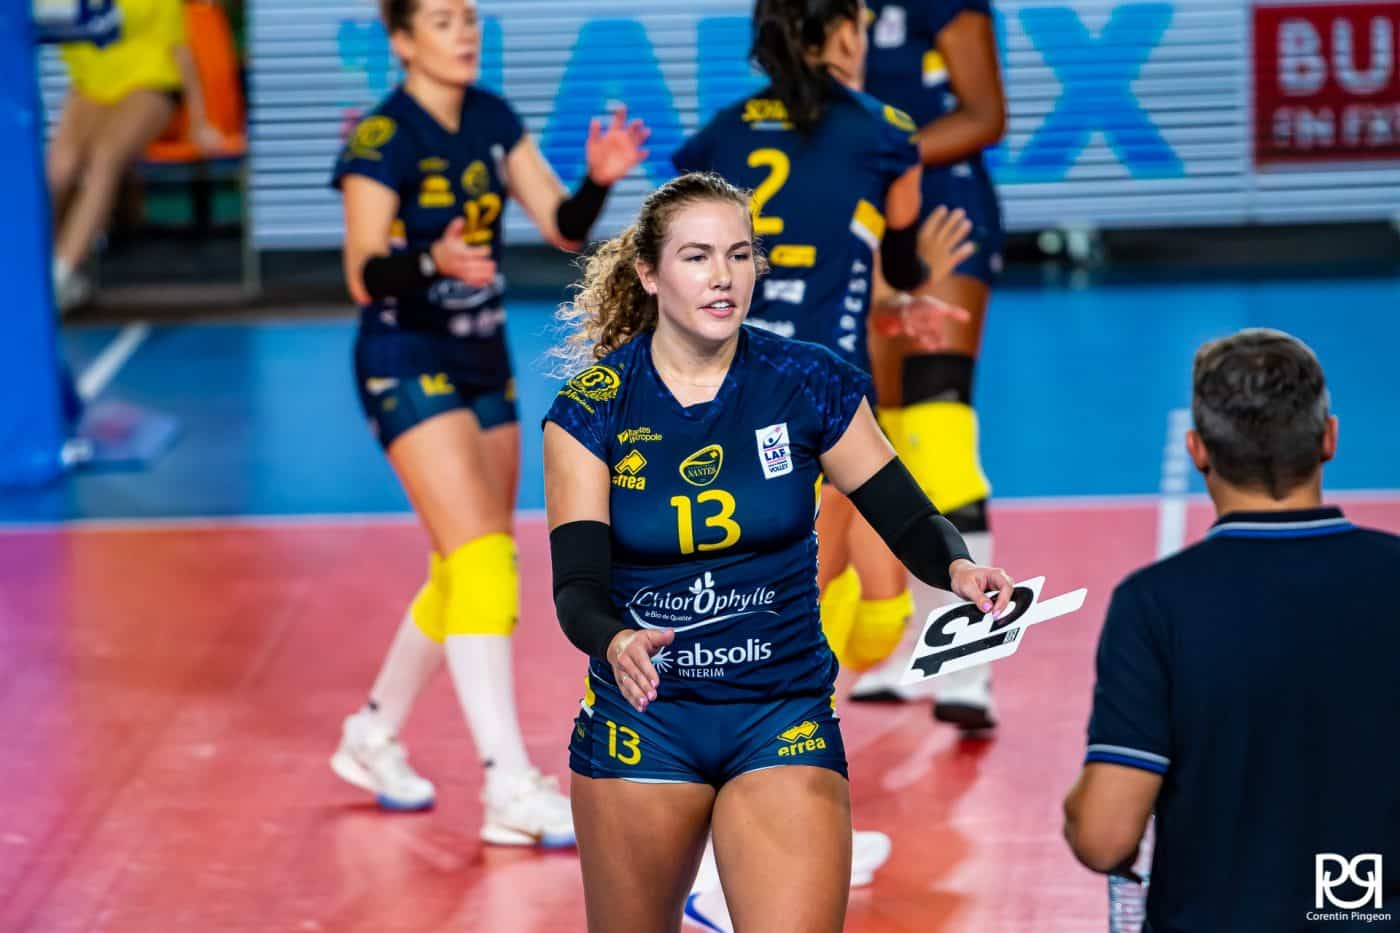 maillot-volley-LAF-2019-2020-VB-nantes-errea-1